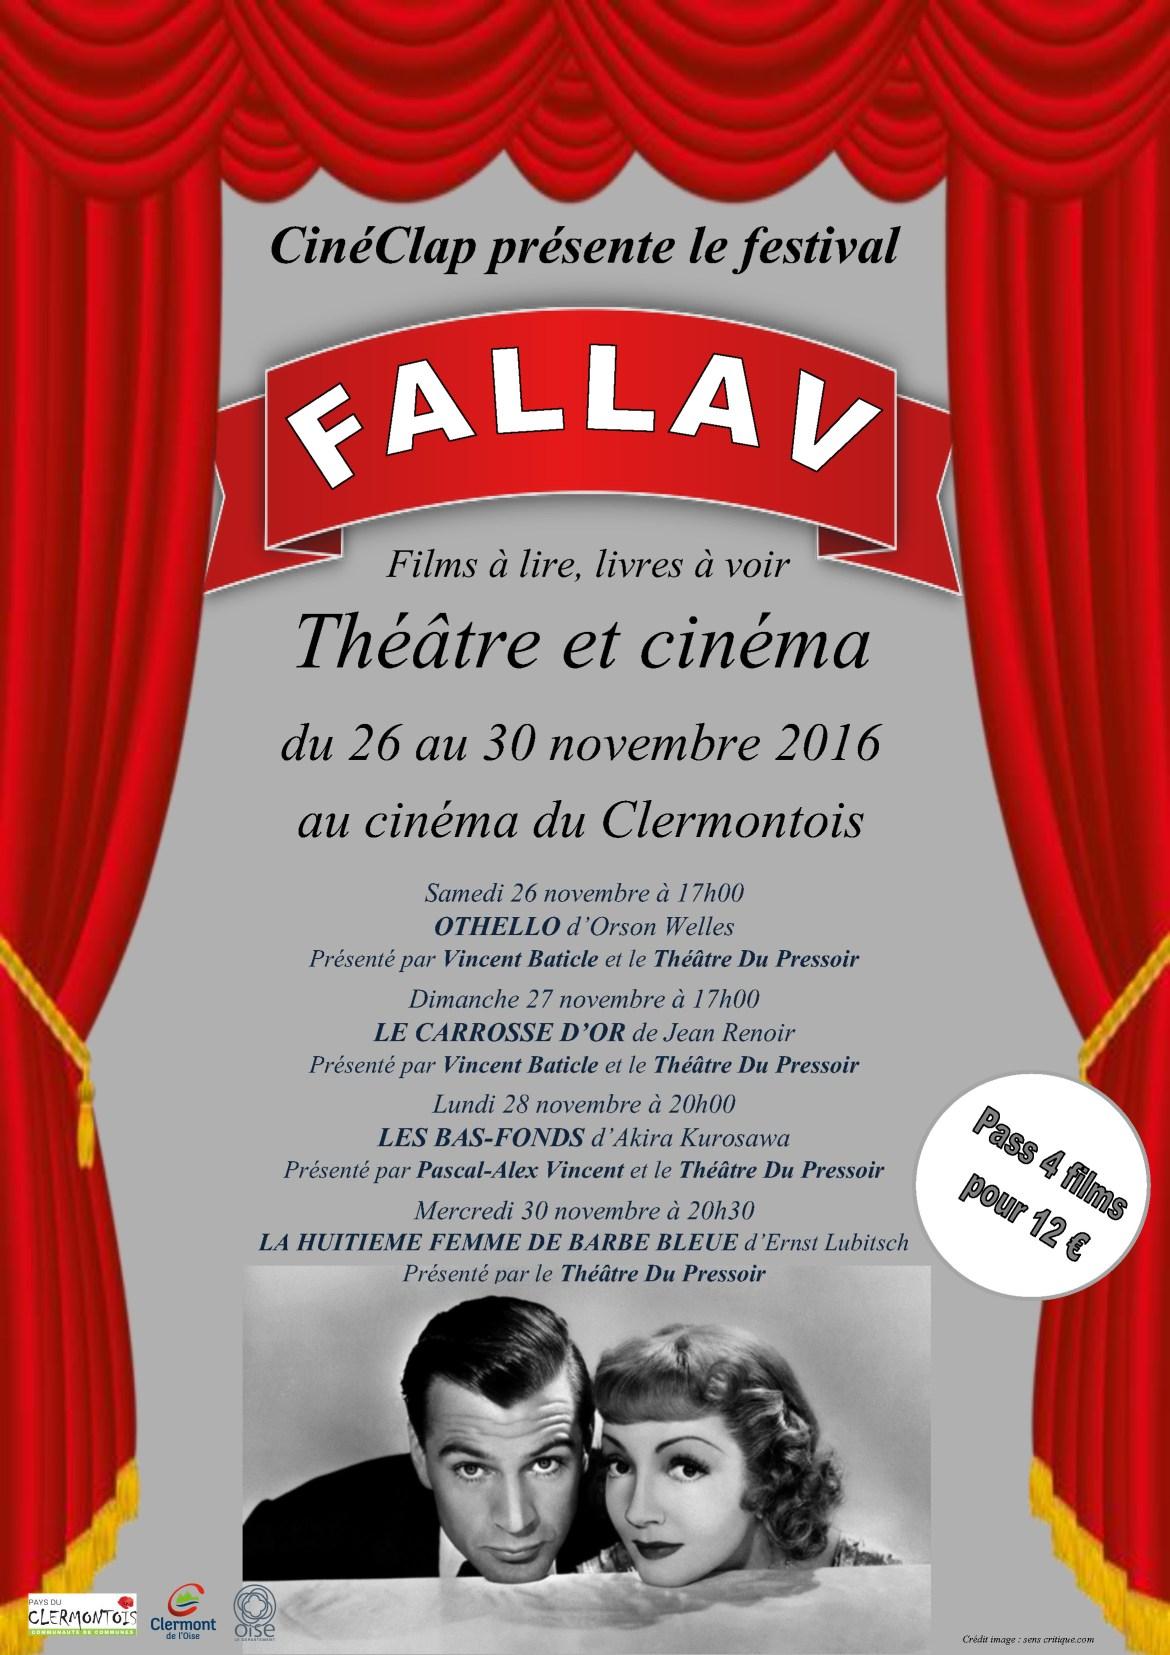 """CinéClap présente le festival """"Films À Lire, Livres À Voir 2016 - FALLAV"""" : Théâtre et cinéma, du samedi 26 au mercredi 30 novembre 2016 au cinéma du Clermontois."""